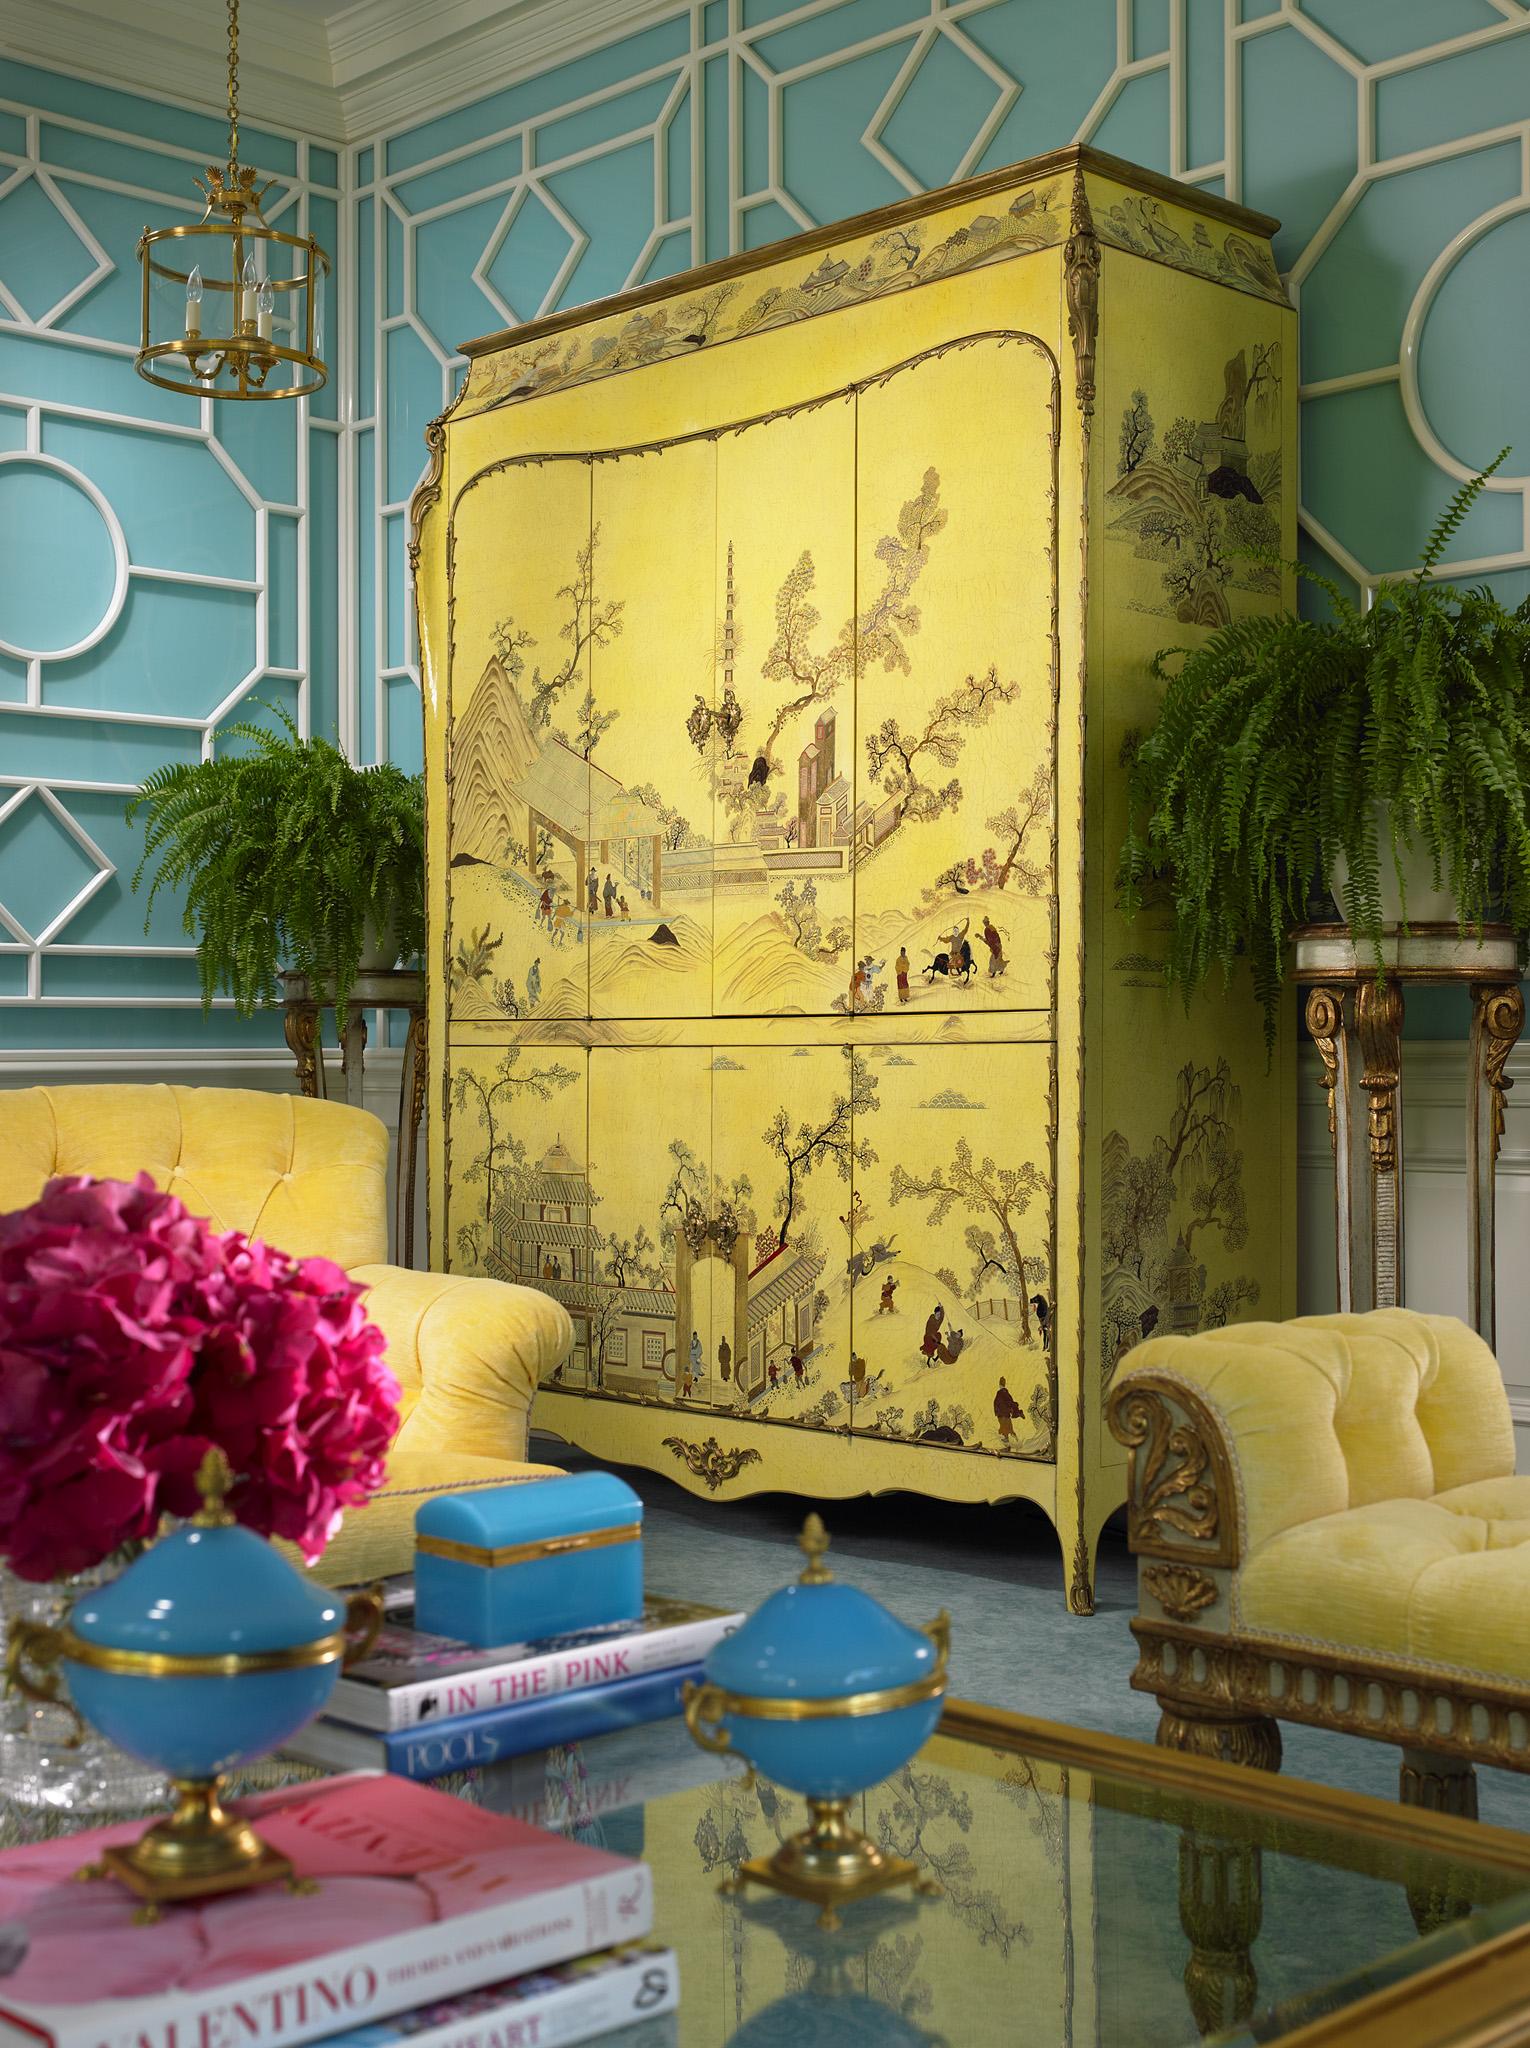 Уникальная интерьерная вещь - платяной шкаф в китайском стиле